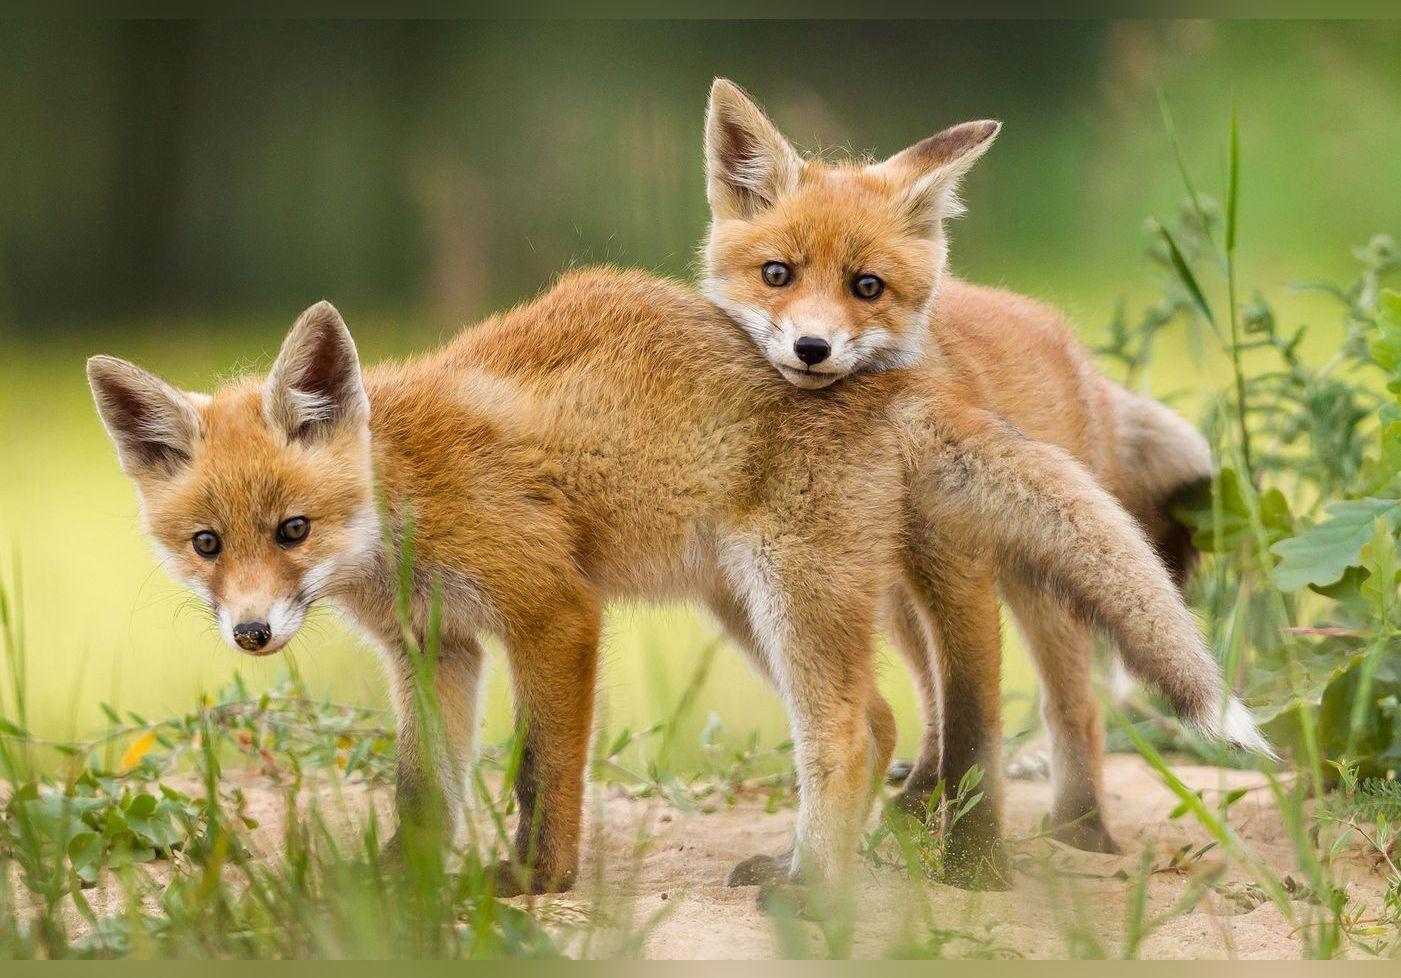 Lush lance une bombe de bain pour sauver 600 000 renards à la rentrée